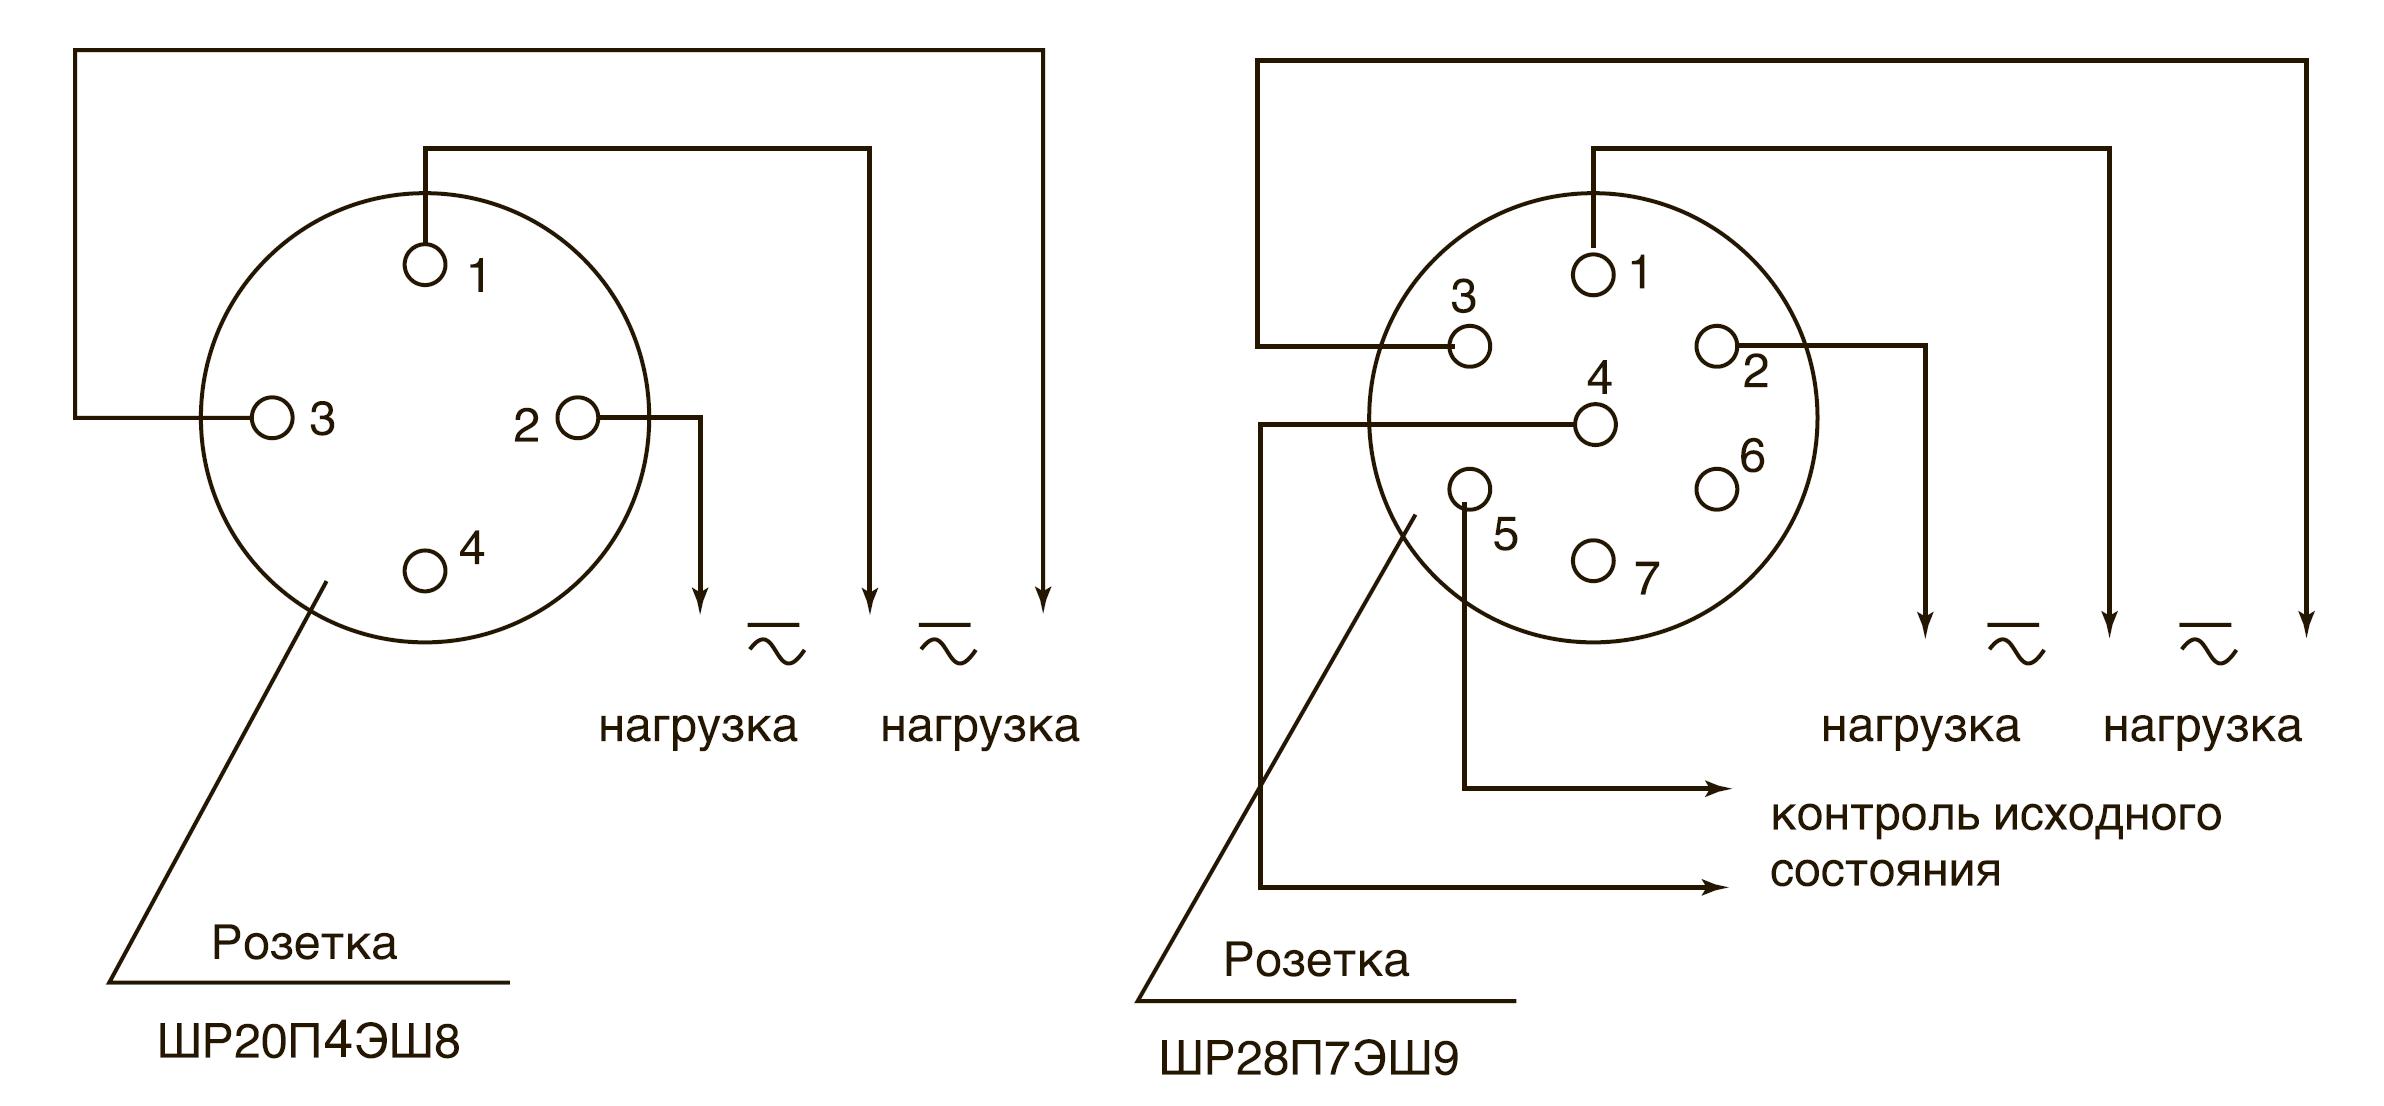 Схема электрическая внешних соединений.